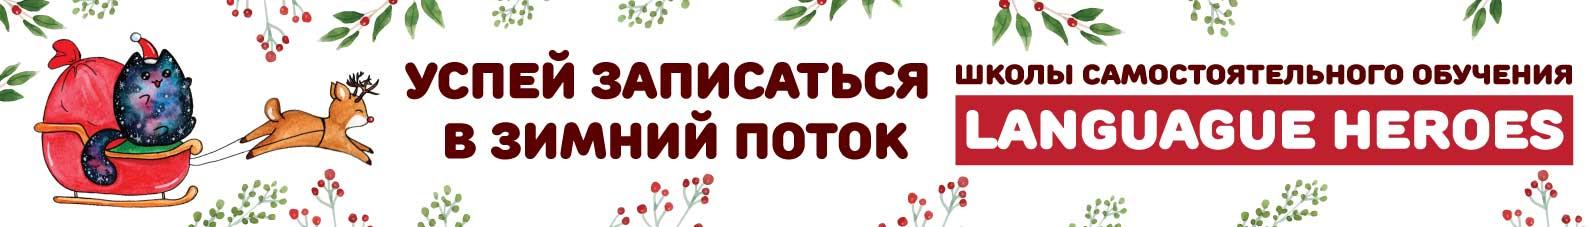 lh12.ru